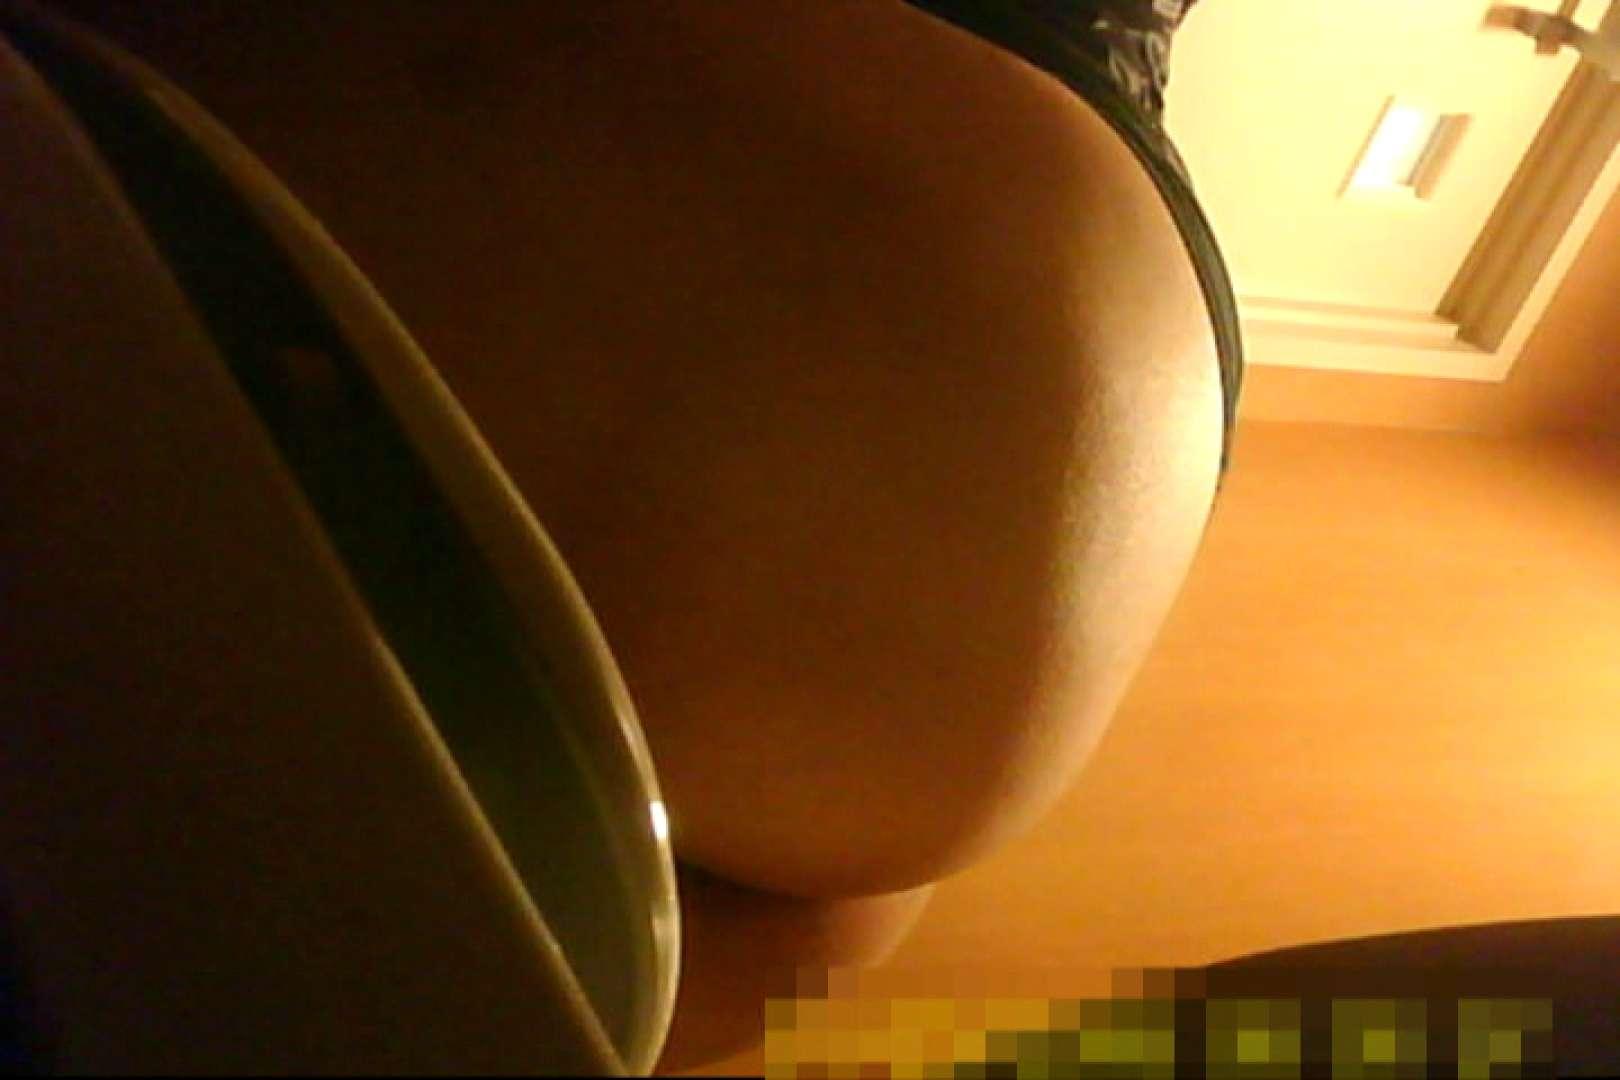 魅惑の化粧室~禁断のプライベート空間~14 洗面所  108pic 28